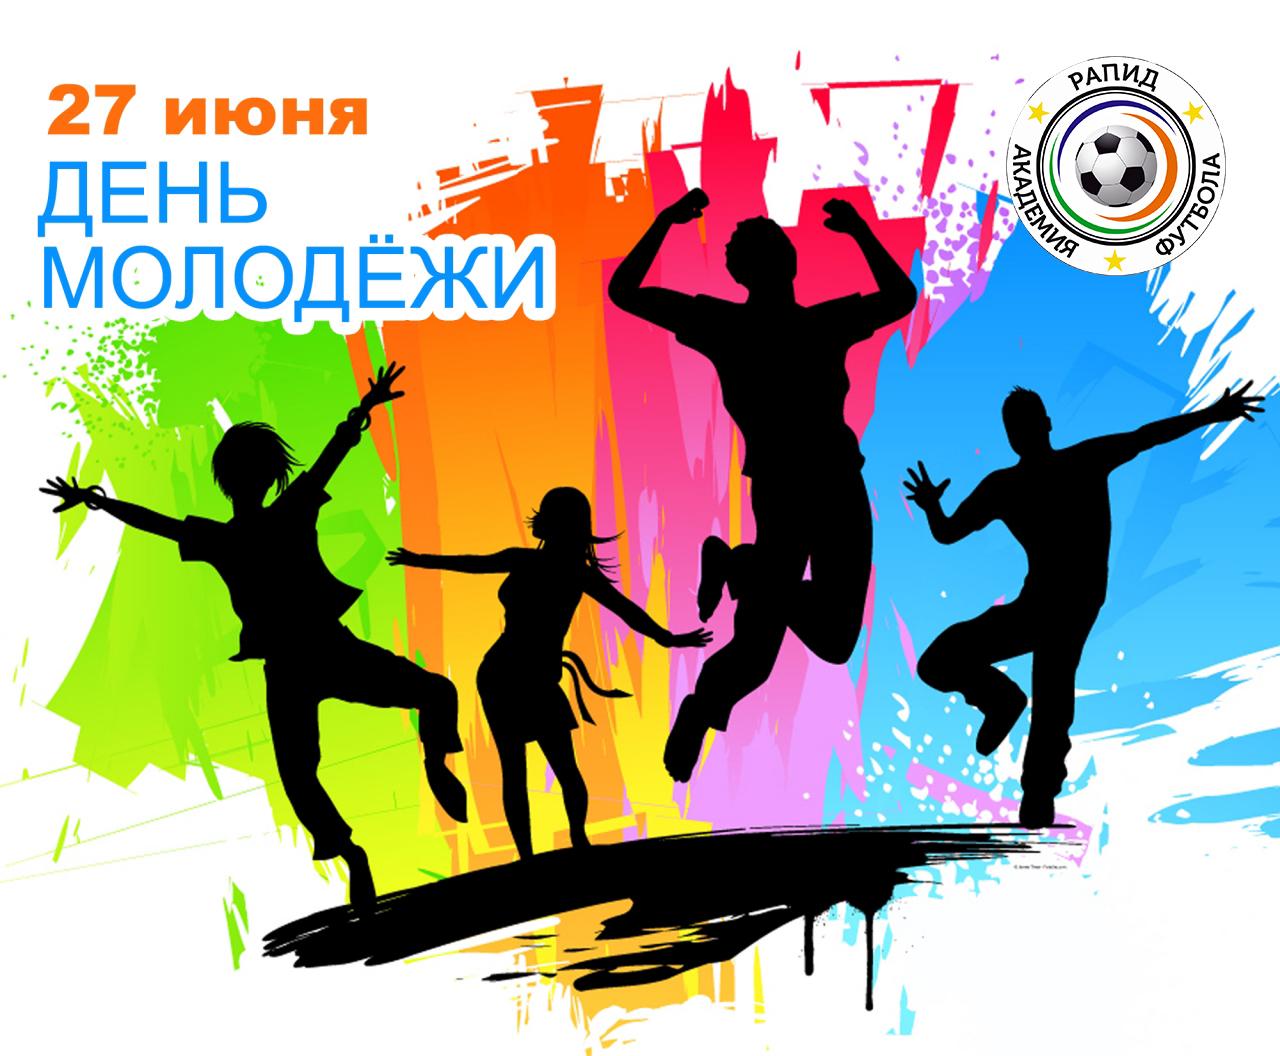 Поздравляем с Днём молодёжи!